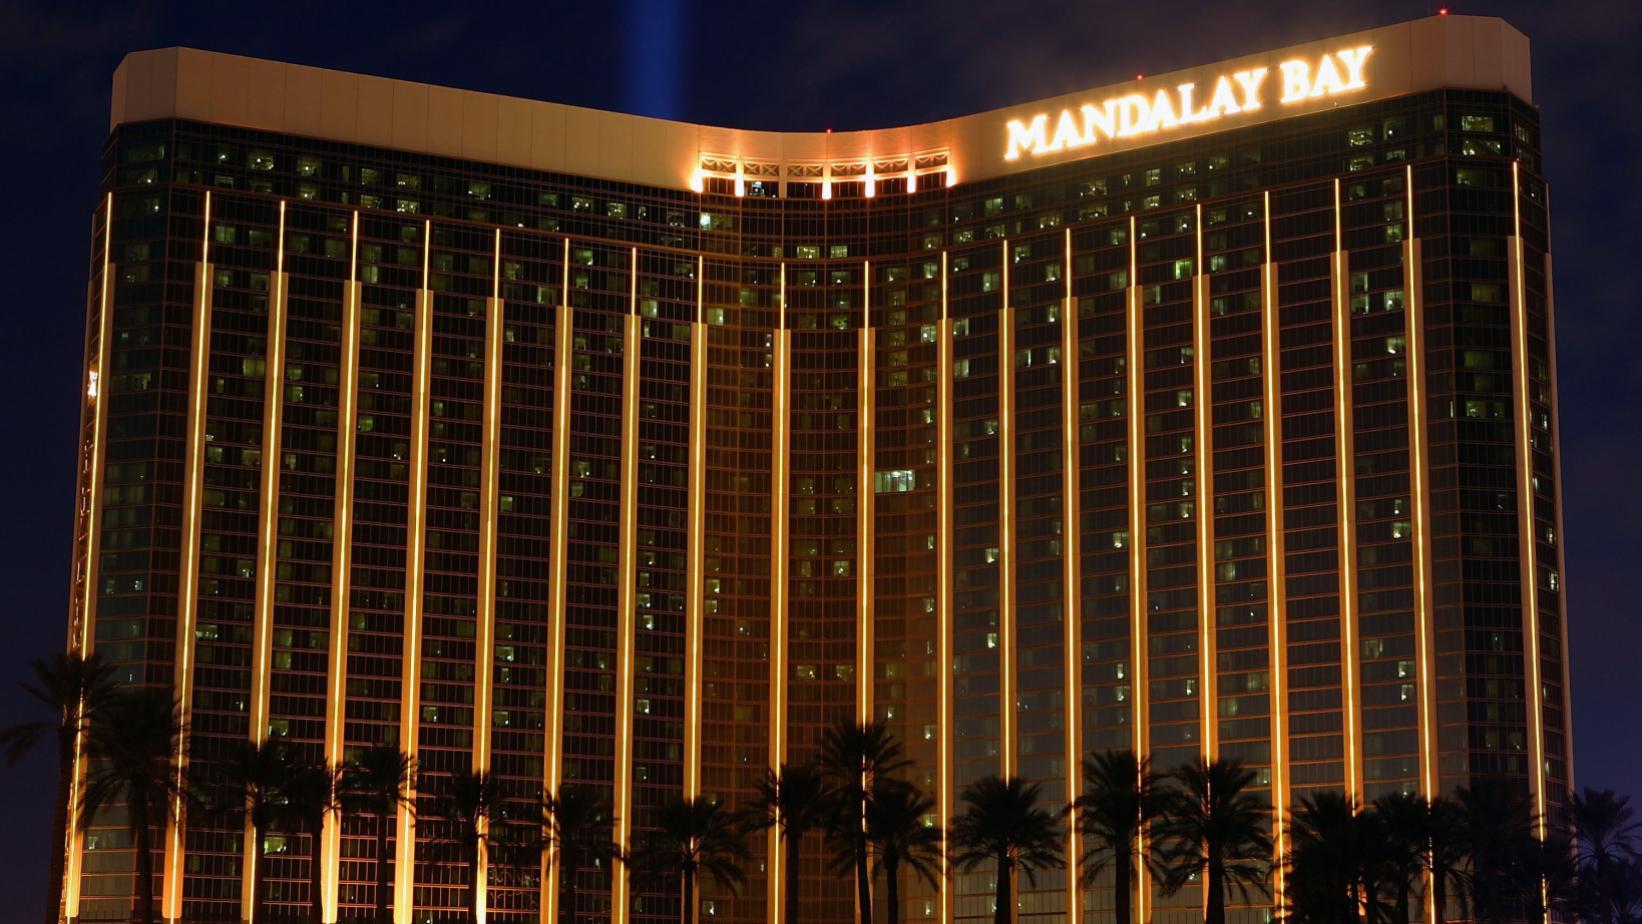 Владелец гостиницы в Лас-Вегасе судится с жертвами стрельбы на фестивале кантри-музыки